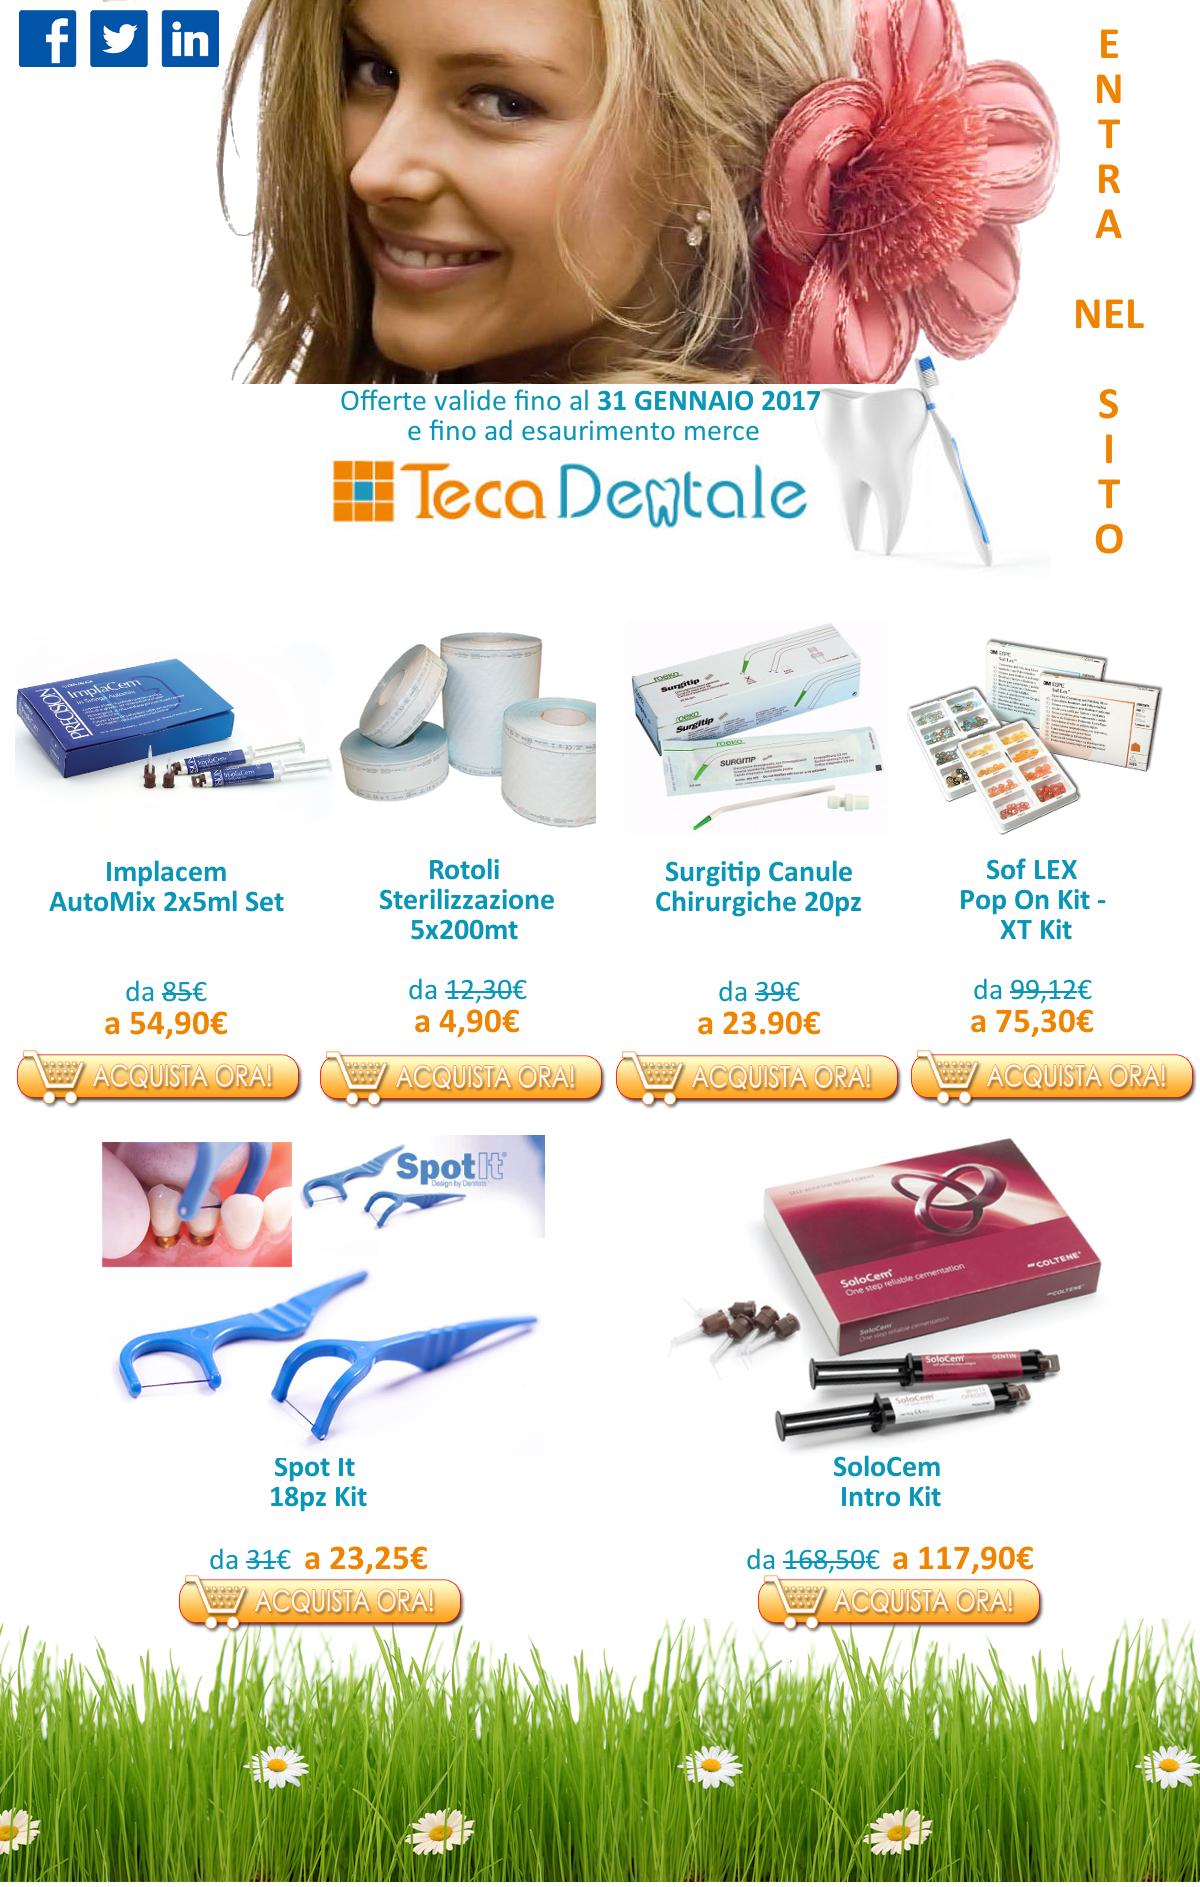 Vieni a scoprire tutte le nostre offerte su TecaDentale.it